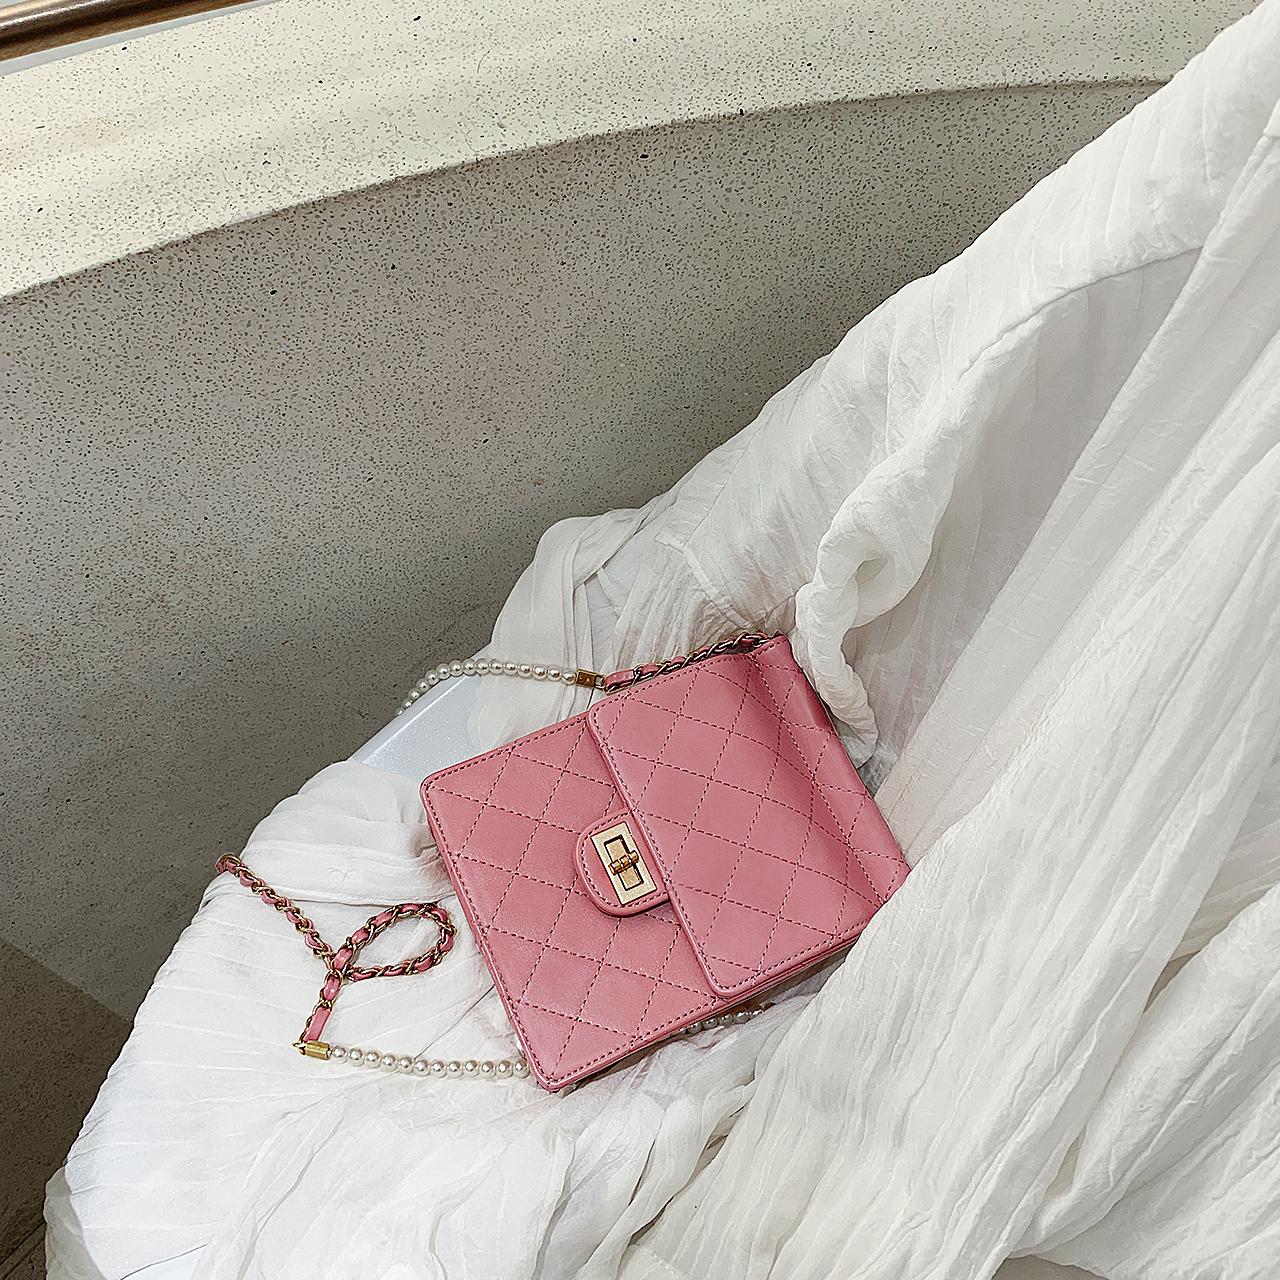 小瑞靓包珍珠包包女包新款2019时尚斜挎包百搭小香风菱格链条小包